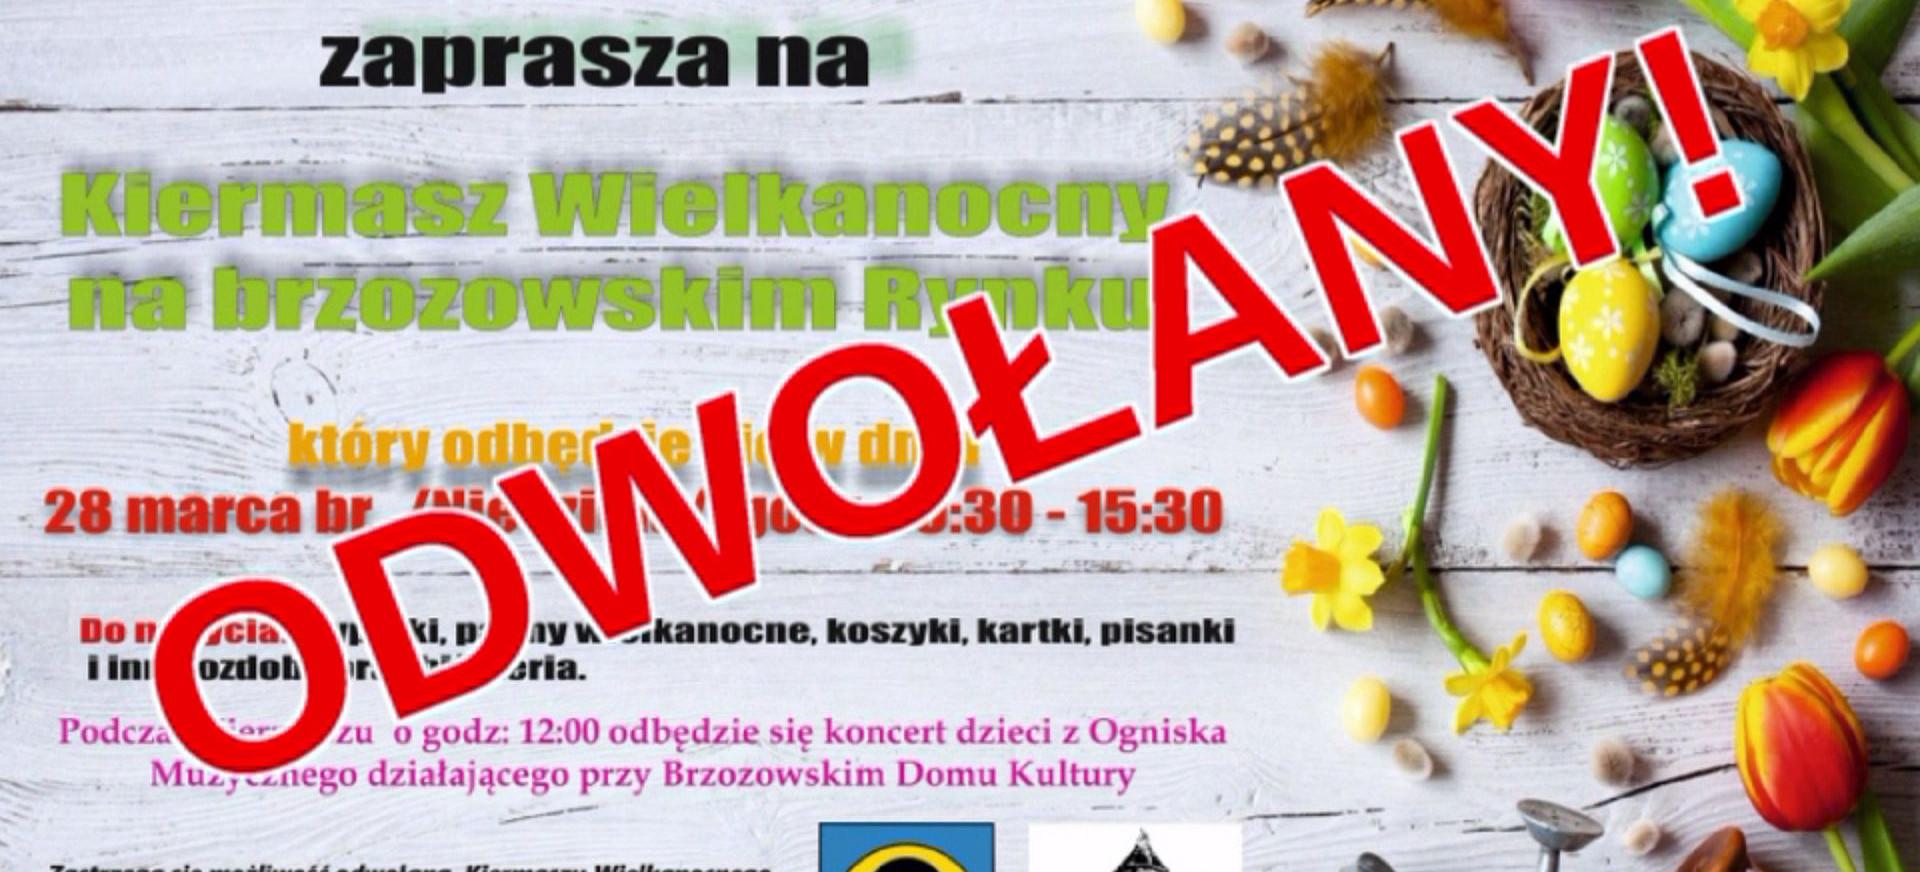 BRZOZÓW: Kiermasz Wielkanocny zostaje odwołany!